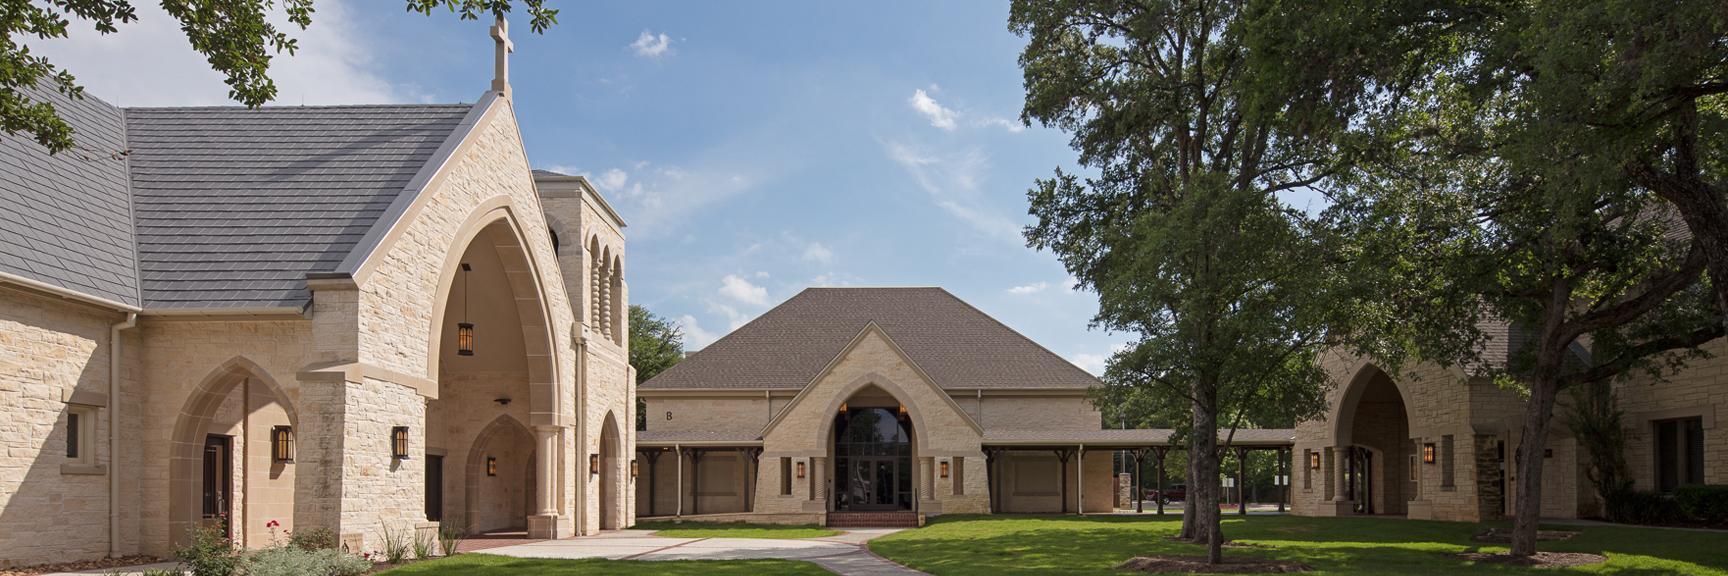 Episcopal Church of the Good Shepherd Courtyard